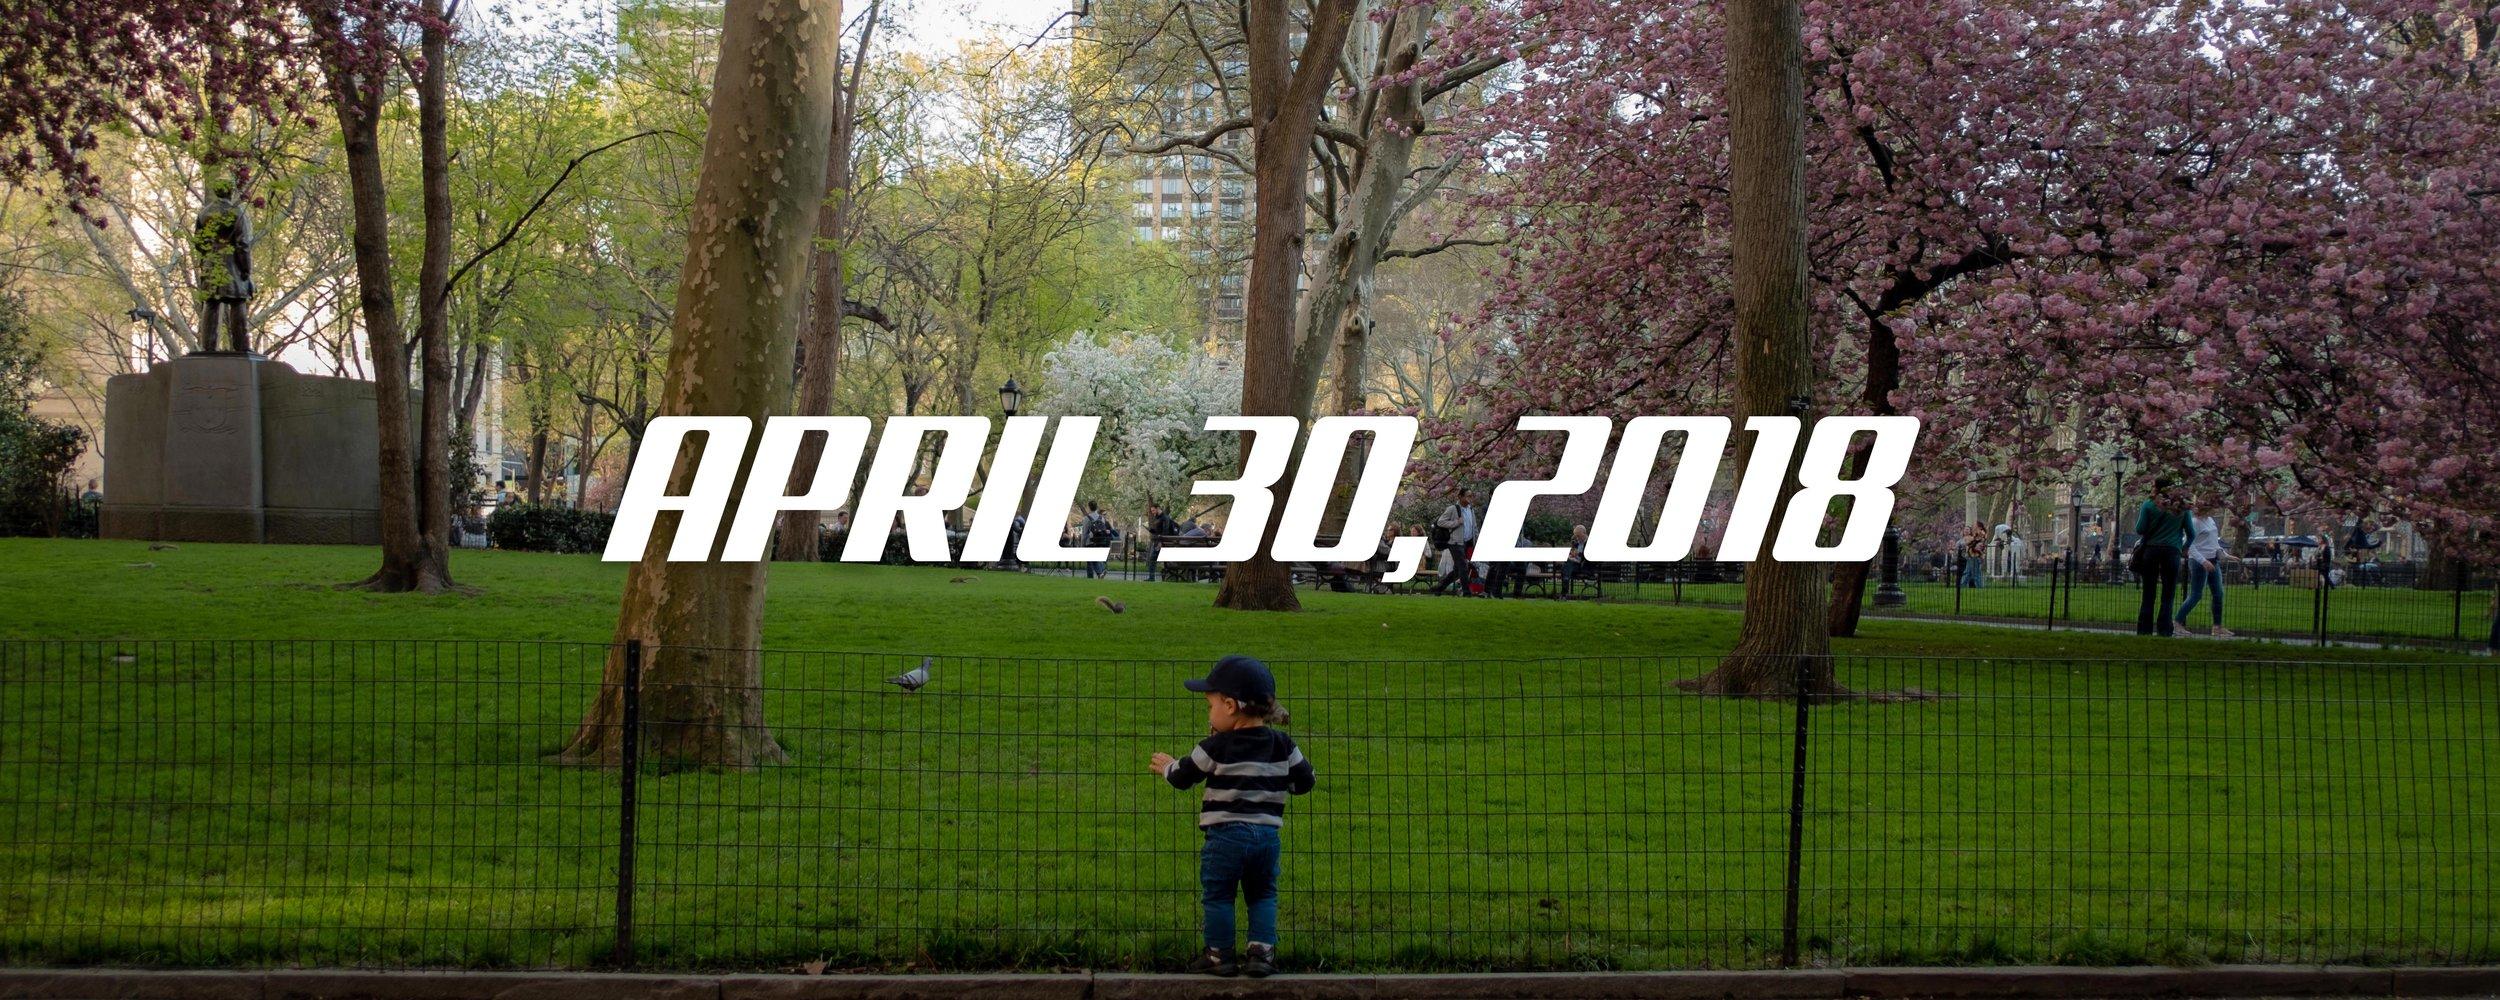 WEEKLY-COVER-04-30-18.jpg